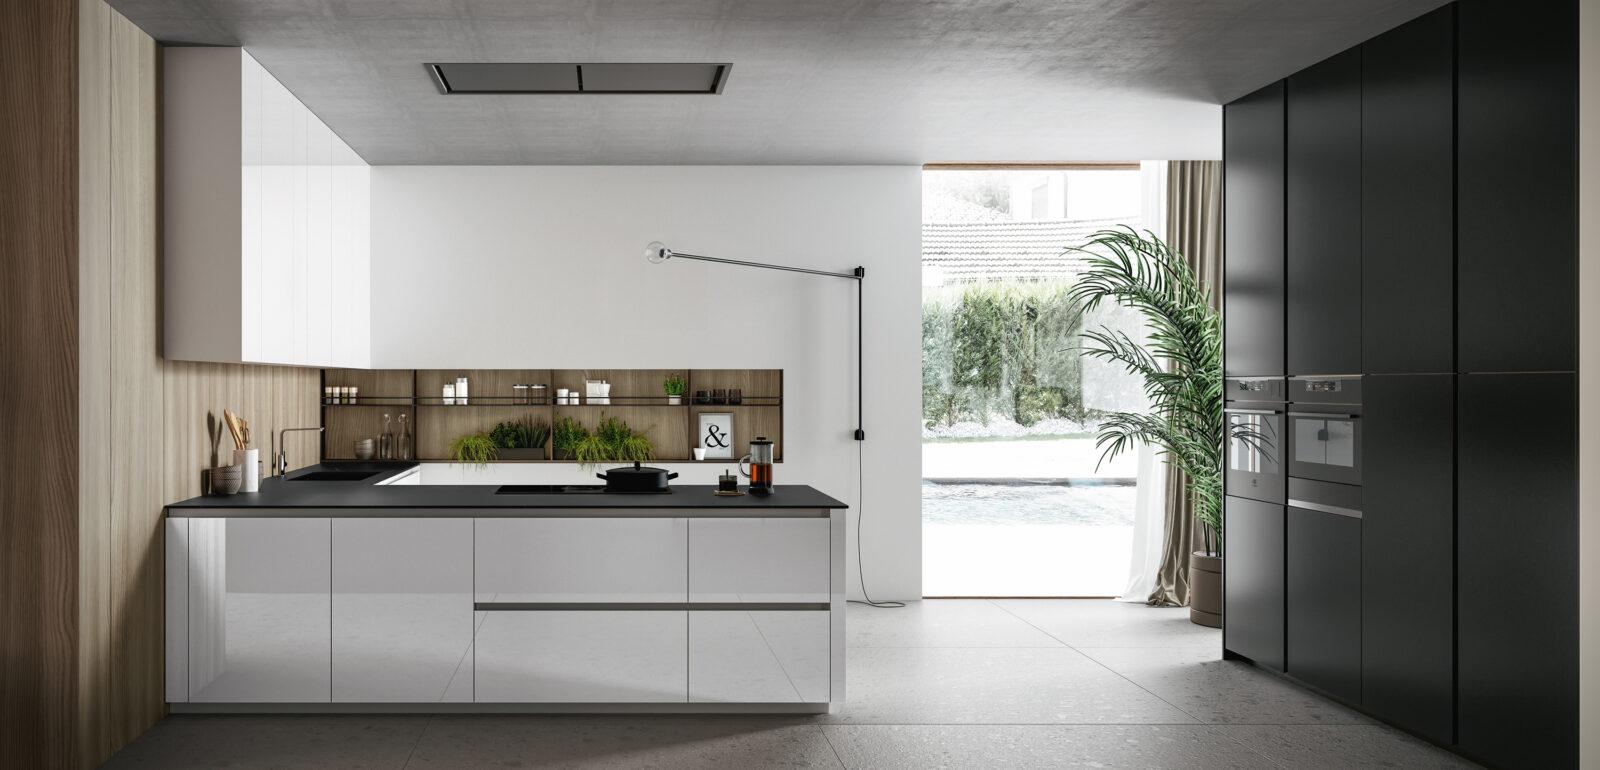 cucina moderna con penisola Arredo3 Glass 2.0 foto 04